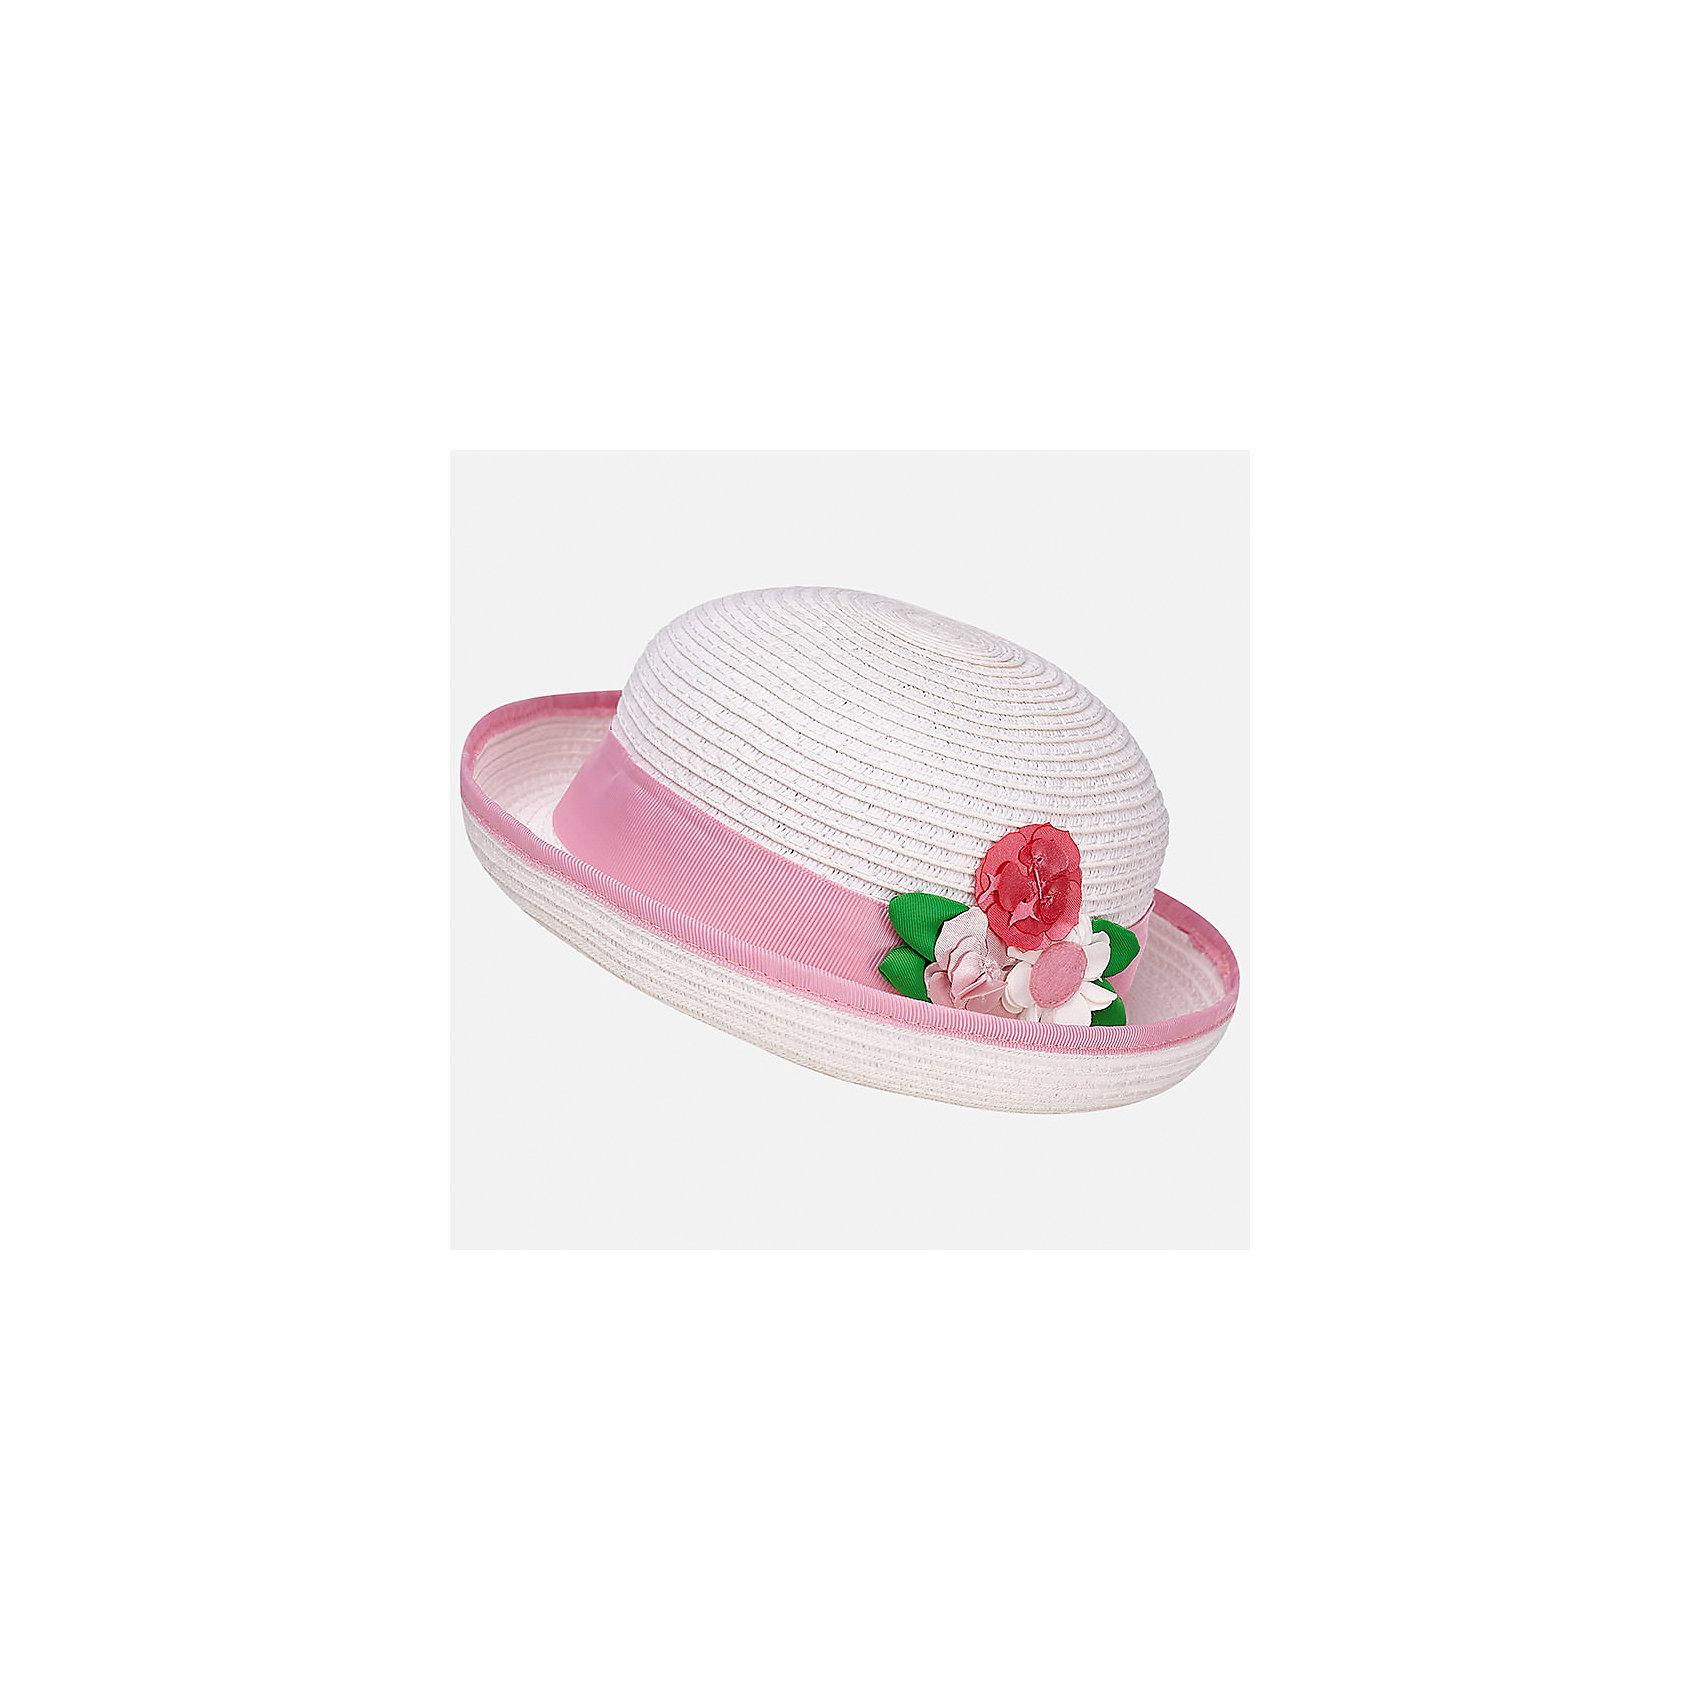 Шляпа для девочки MayoralЛетние<br>Характеристики товара:<br><br>• цвет: белый/розовый<br>• состав: 100% бумага<br>• контрастная окантовка<br>• дышащая фактура<br>• декорирована лентой и текстильными цветами<br>• страна бренда: Испания<br><br>Красивая легкая шляпа для девочки поможет обеспечить ребенку защиту от солнца и дополнить наряд. Универсальный цвет позволяет надевать её под наряды различных расцветок. Шляпа удобно сидит и красиво смотрится. <br><br>Одежда, обувь и аксессуары от испанского бренда Mayoral полюбились детям и взрослым по всему миру. Модели этой марки - стильные и удобные. Для их производства используются только безопасные, качественные материалы и фурнитура. Порадуйте ребенка модными и красивыми вещами от Mayoral! <br><br>Шляпу для девочки от испанского бренда Mayoral (Майорал) можно купить в нашем интернет-магазине.<br><br>Ширина мм: 89<br>Глубина мм: 117<br>Высота мм: 44<br>Вес г: 155<br>Цвет: лиловый<br>Возраст от месяцев: 12<br>Возраст до месяцев: 18<br>Пол: Женский<br>Возраст: Детский<br>Размер: 48,50<br>SKU: 5293409